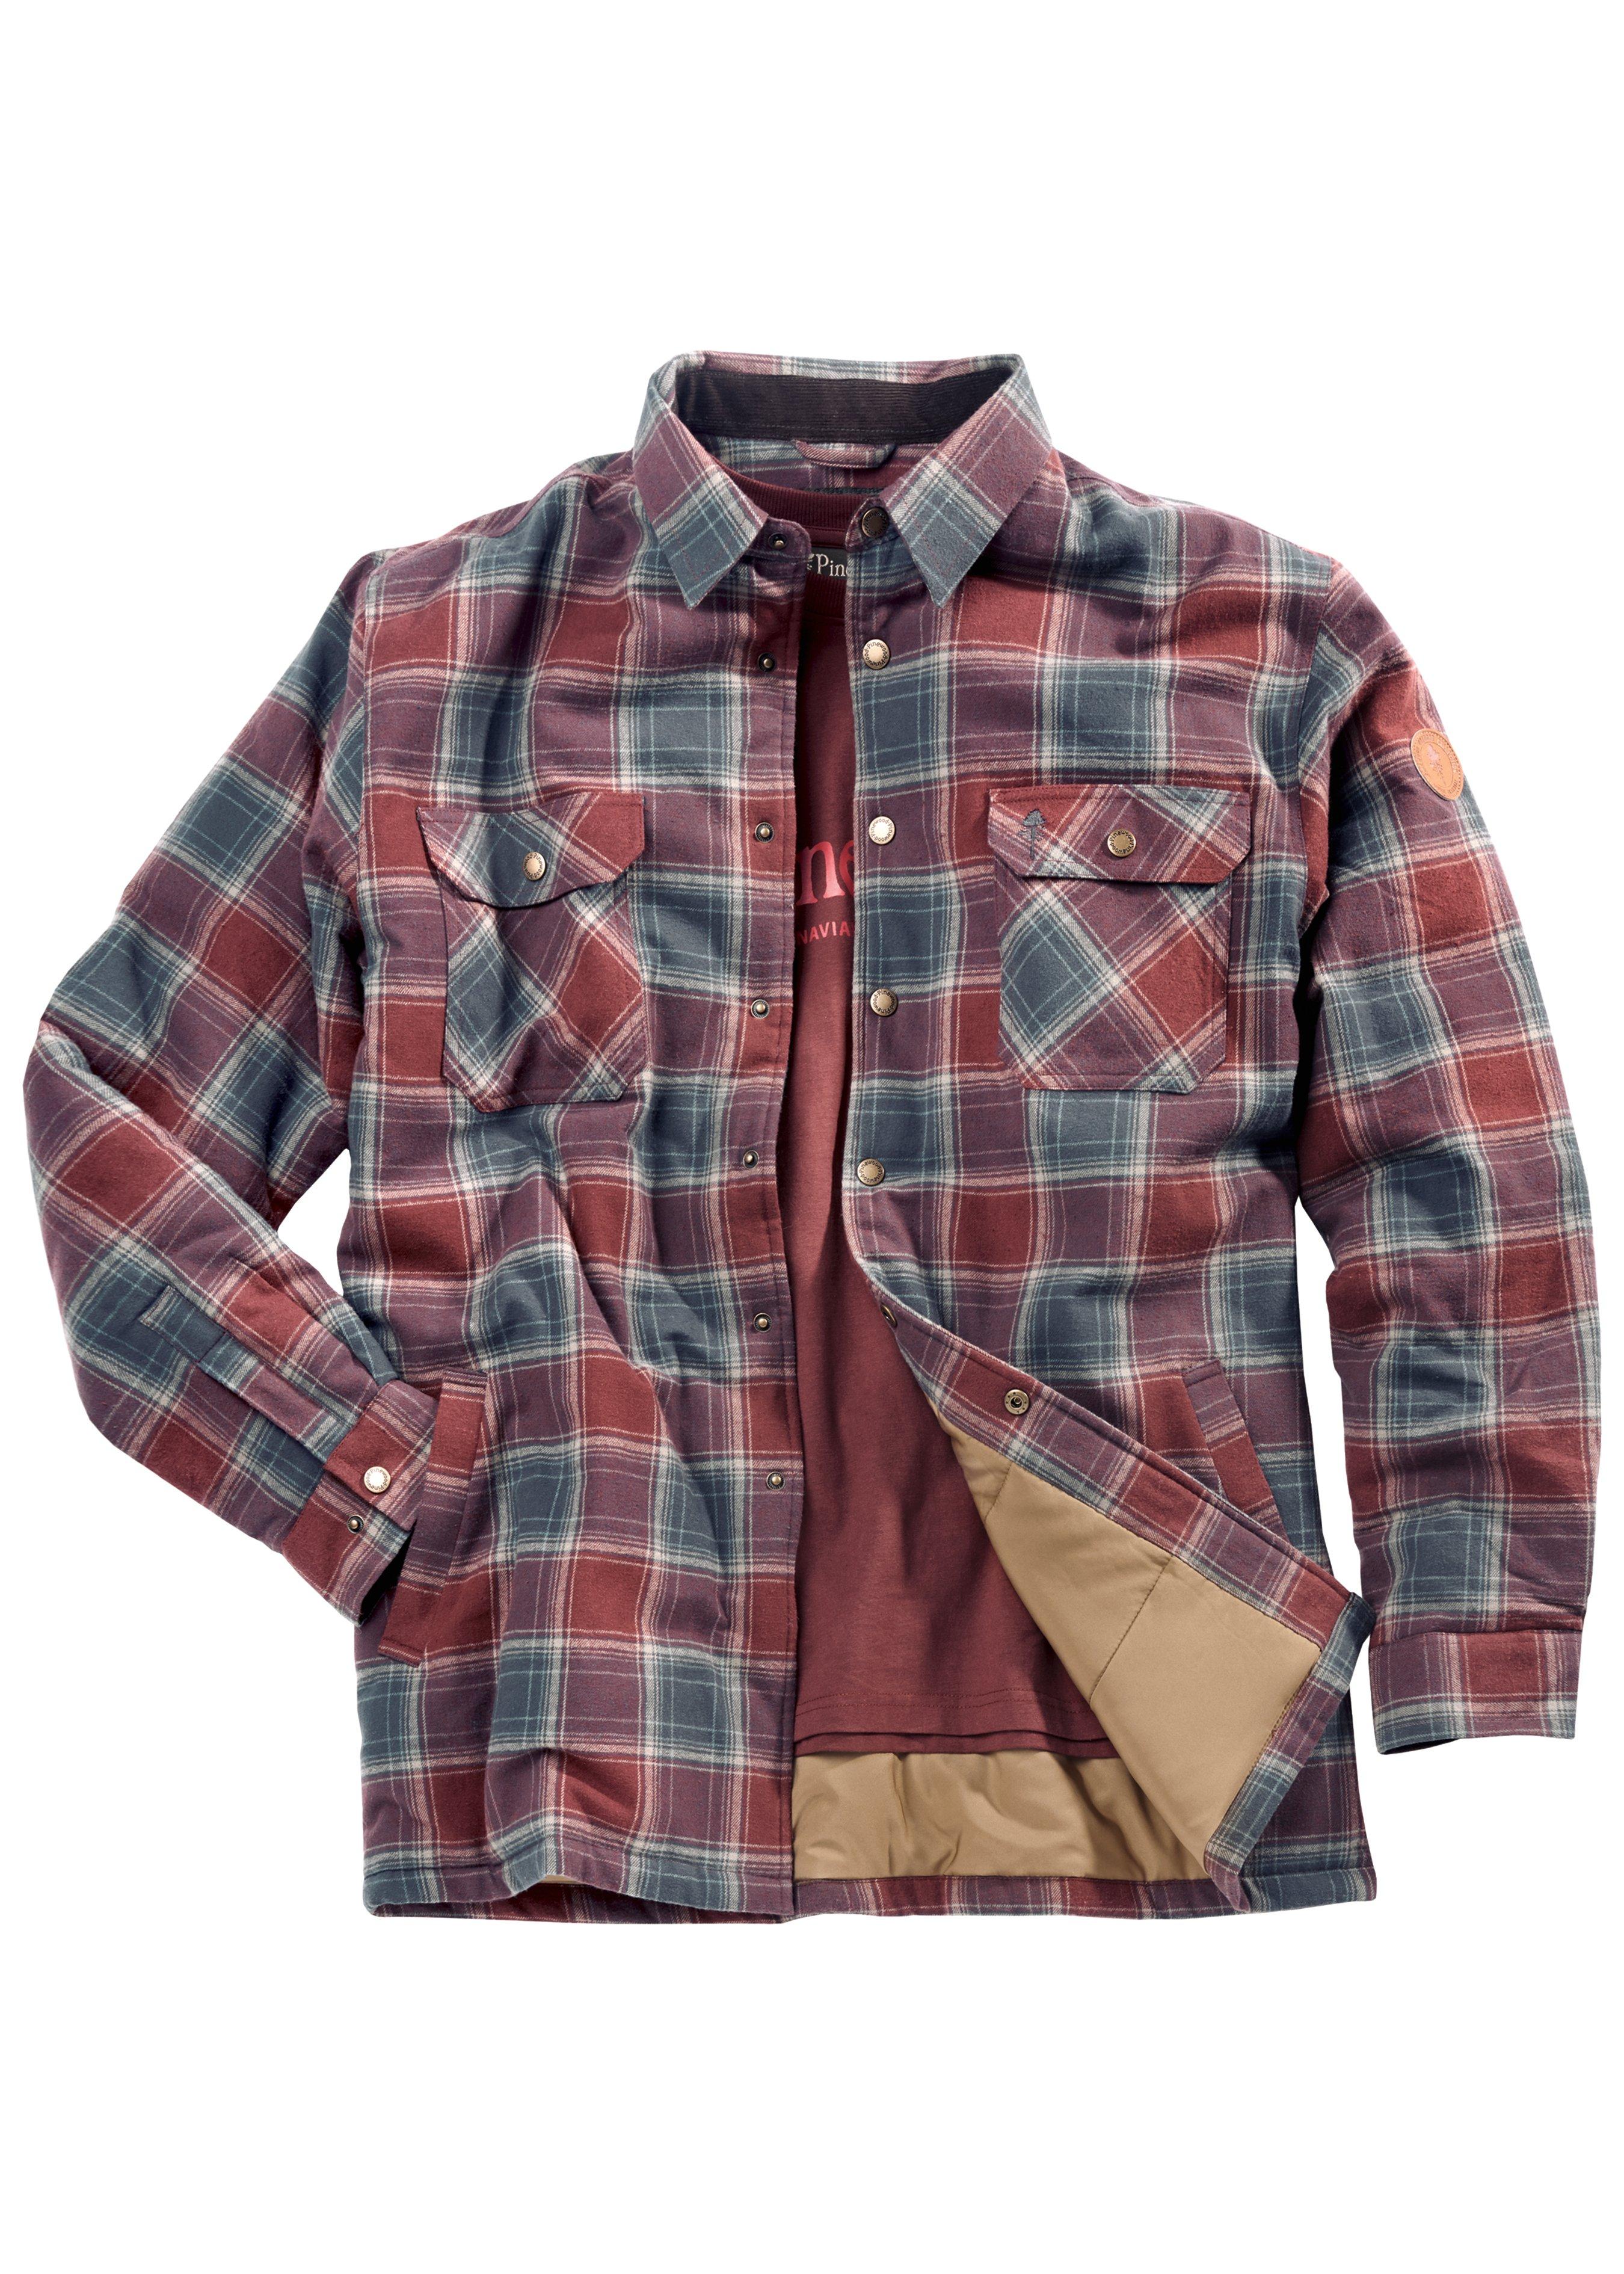 Veste-chemise en flanelle Finnveden (5008) 284840XXL 2